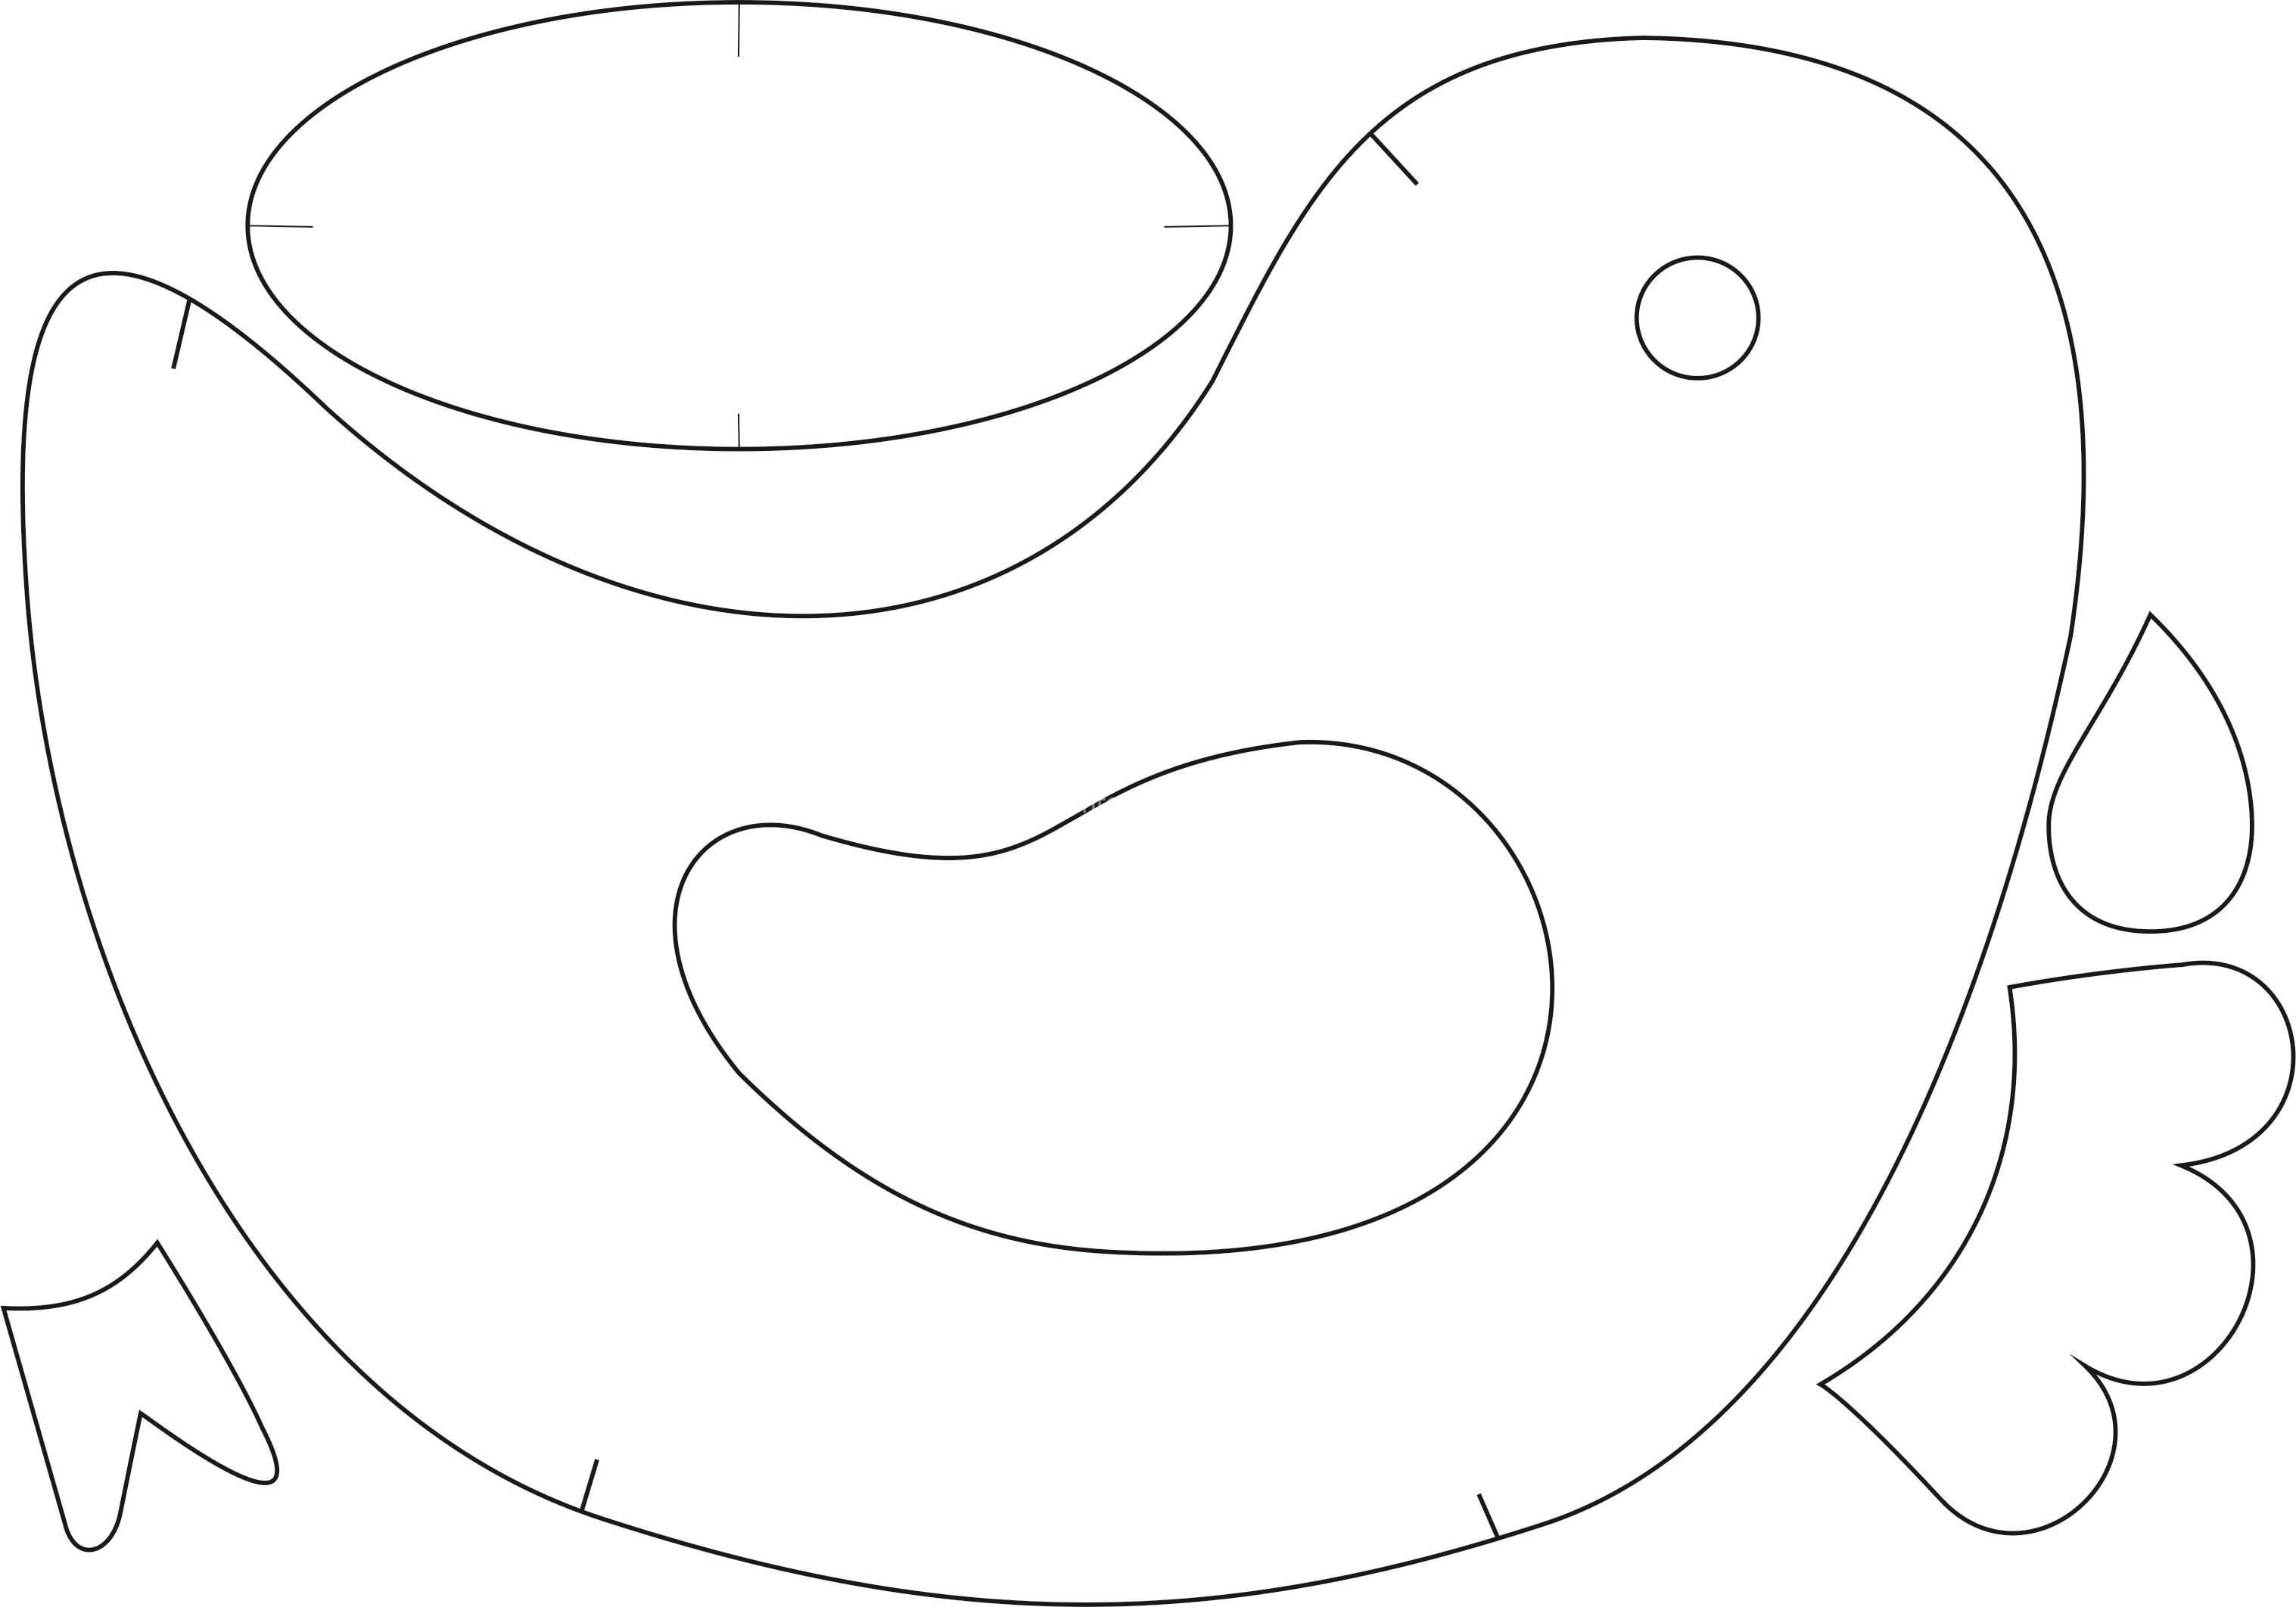 Поделки из фетра на пасху выкройки (шаблон для вырезания)